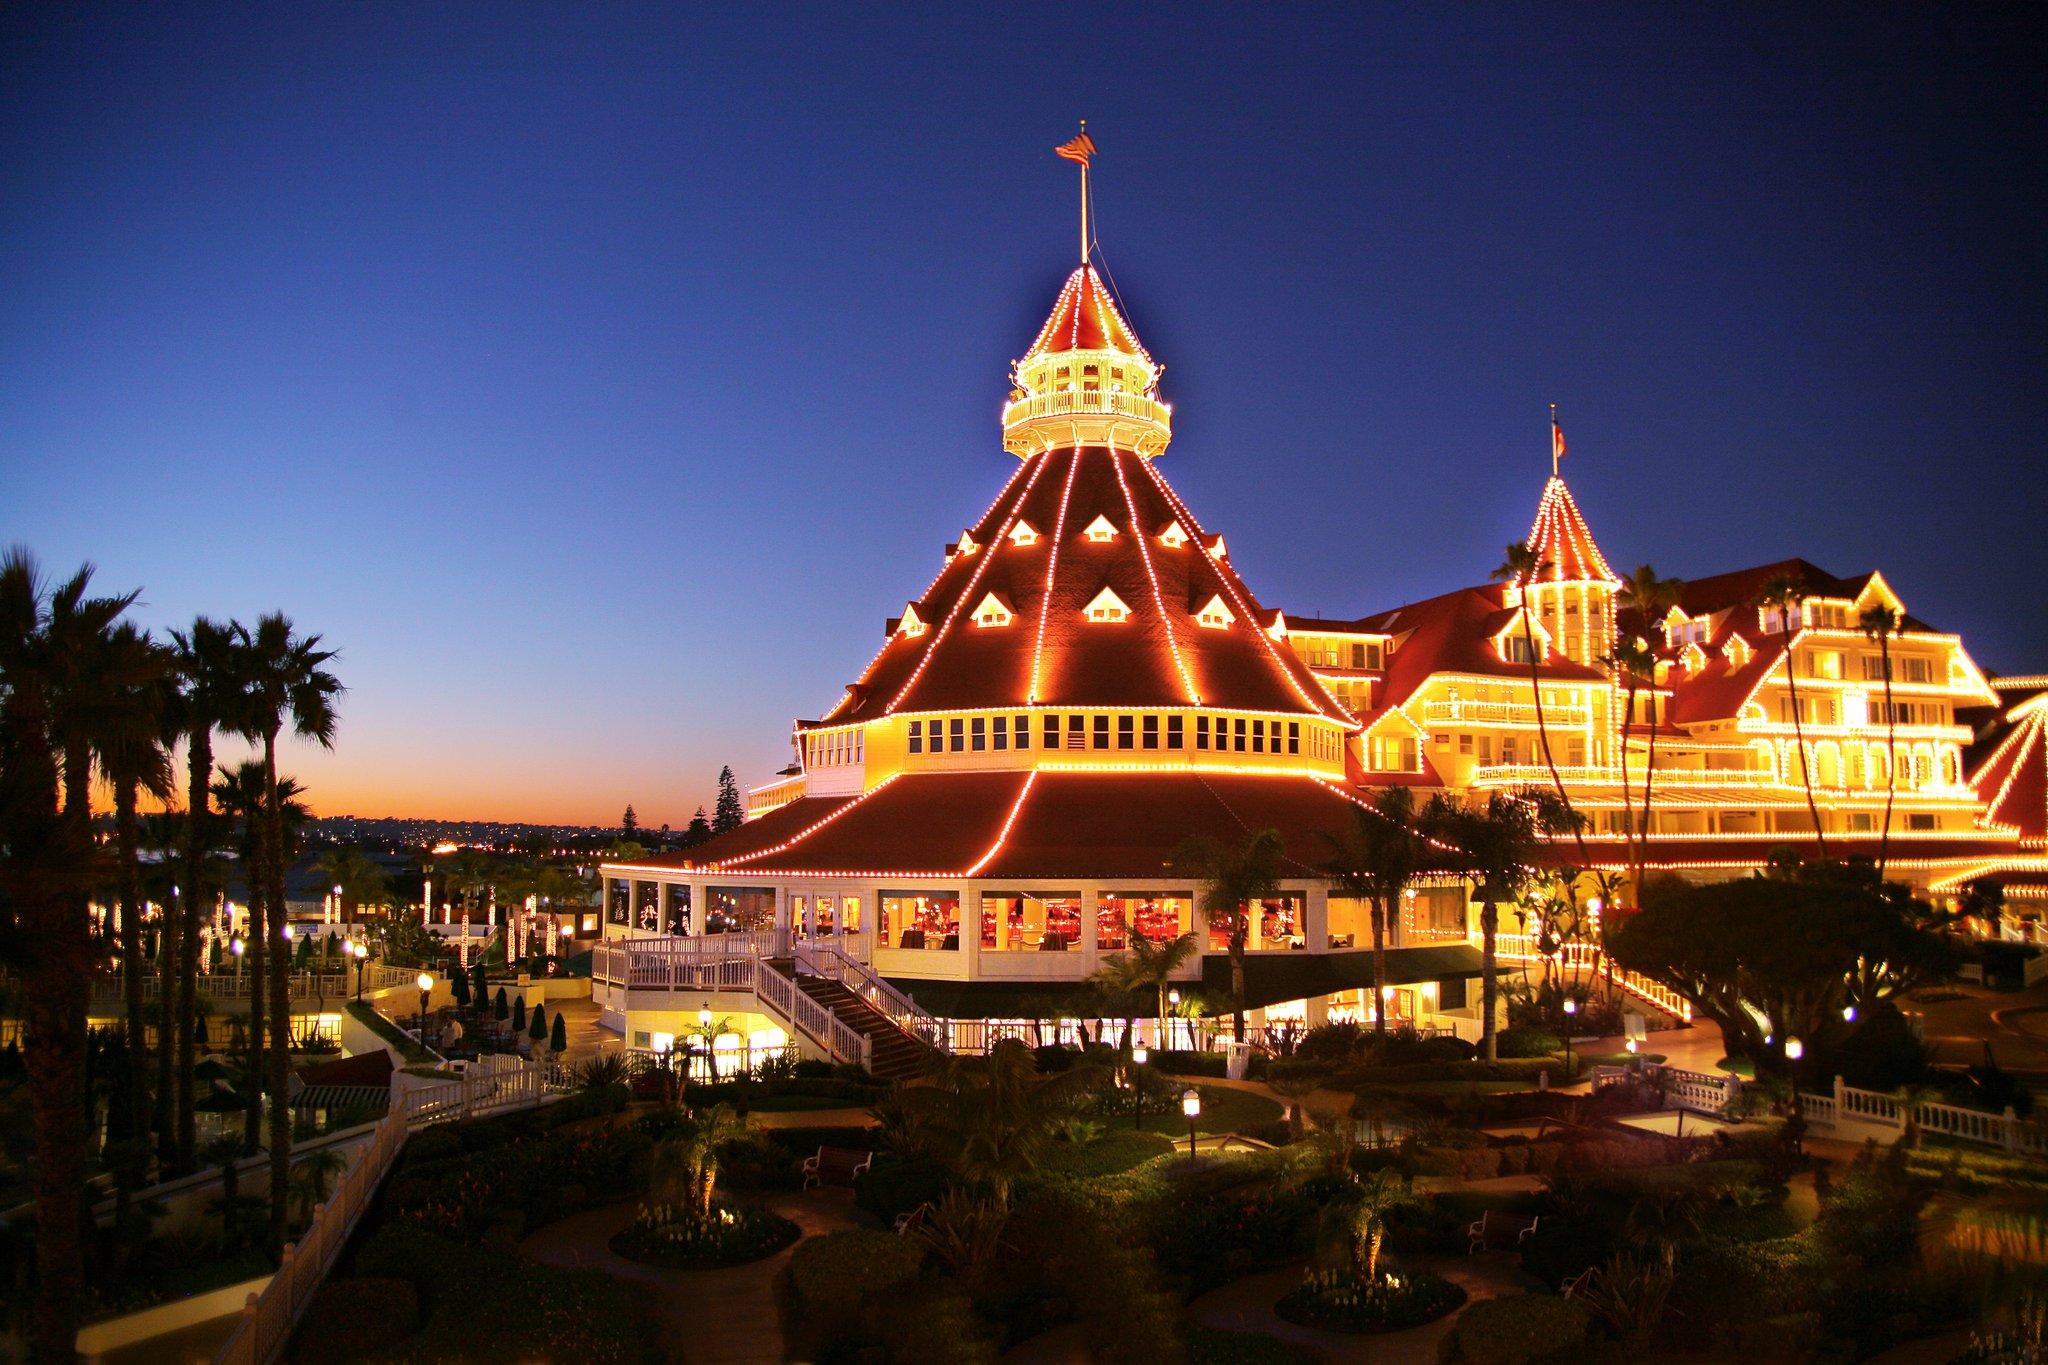 San Diego Hotel Del Coronado Christmas